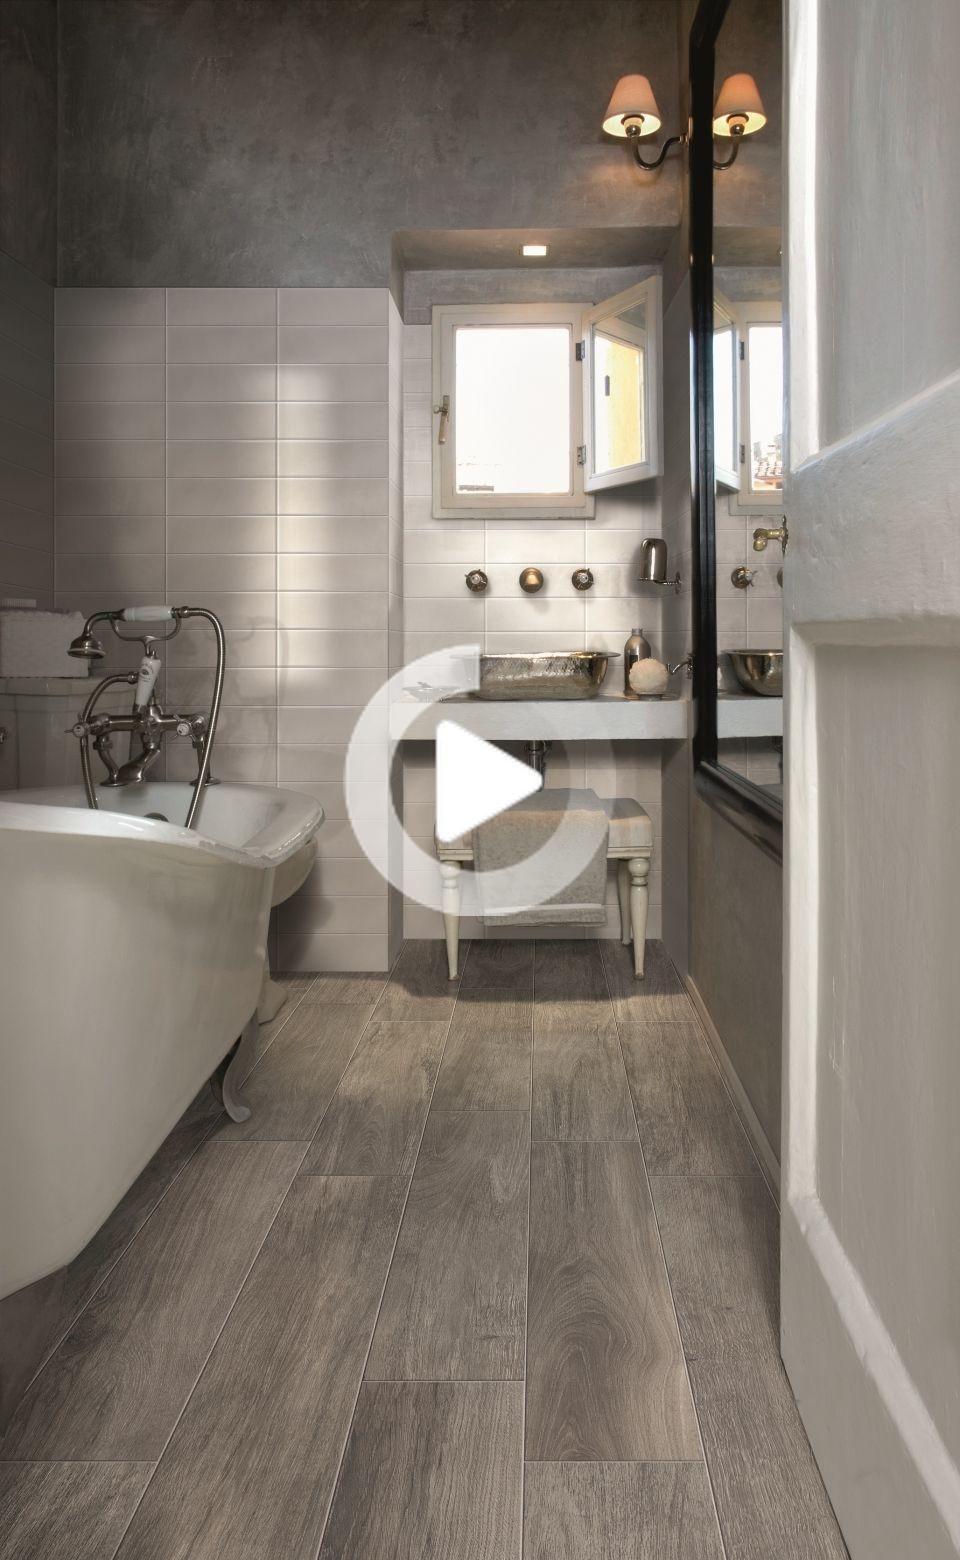 Lux Holz In 2020 Badezimmer Holzboden Holzfliesen Badezimmer Grauer Boden